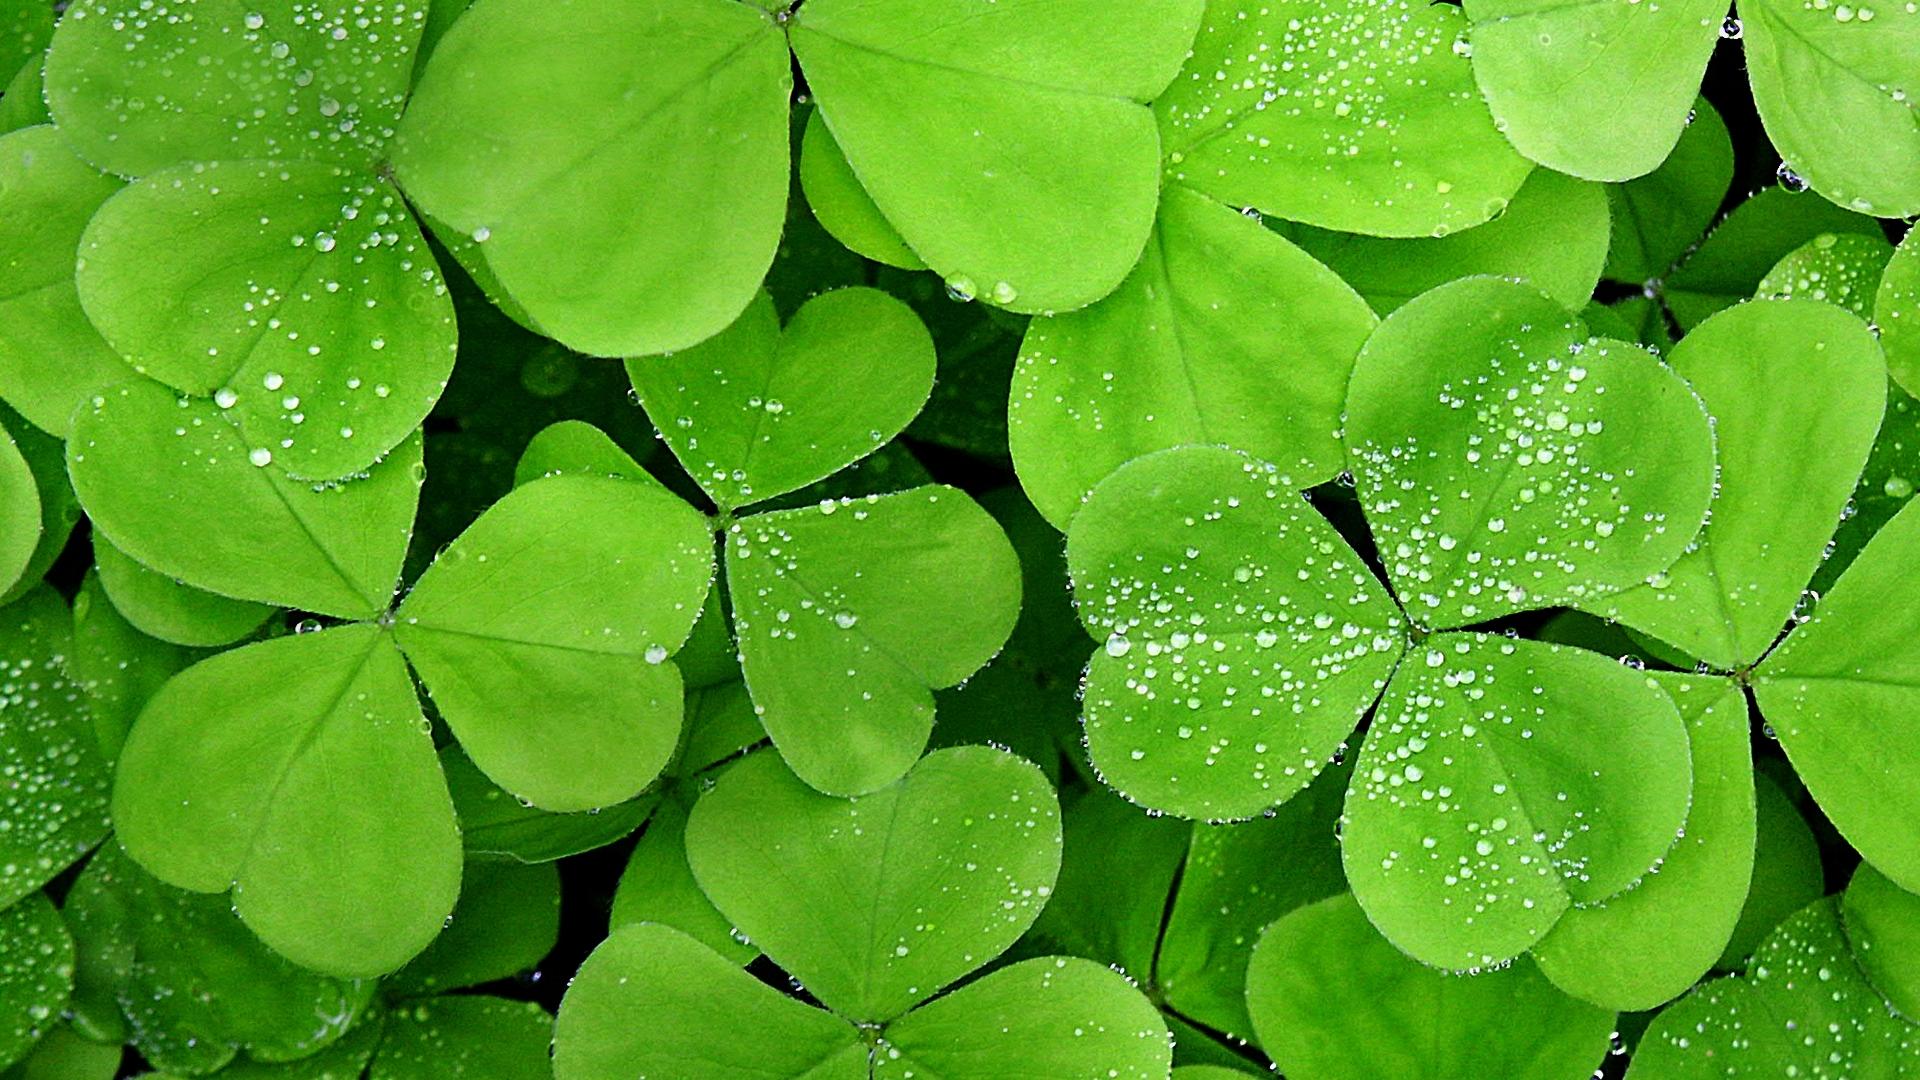 Rain Drop Wallpaper Hd Rain On Leaves Wallpaper Hd Pixelstalk Net